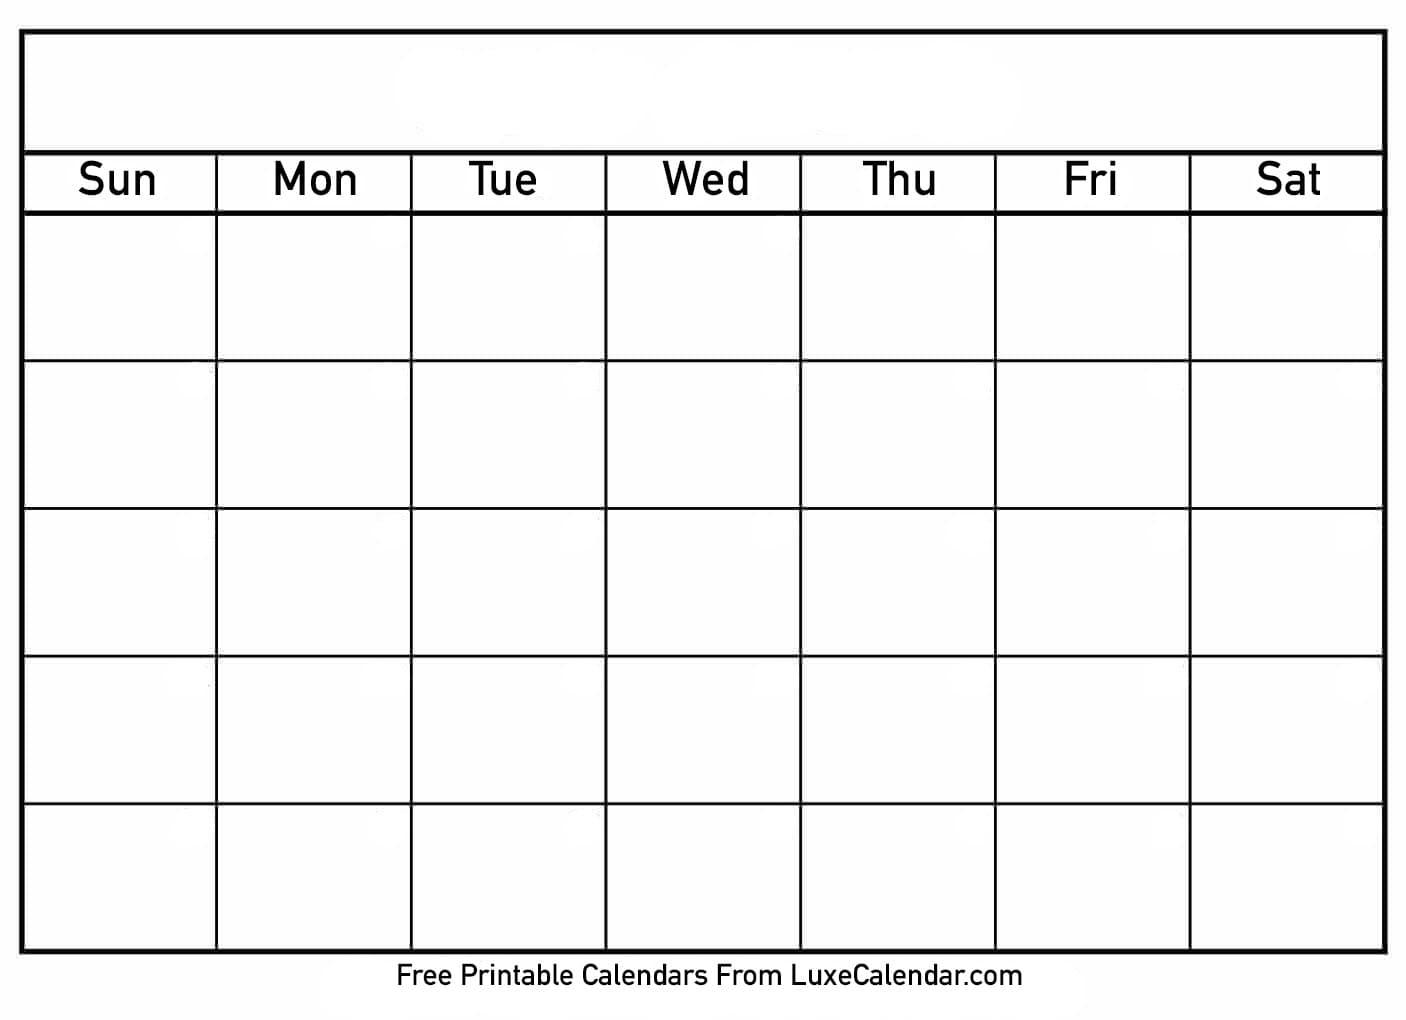 Blank Printable Calendar - Luxe Calendar within Printable Calendar Template With Lines